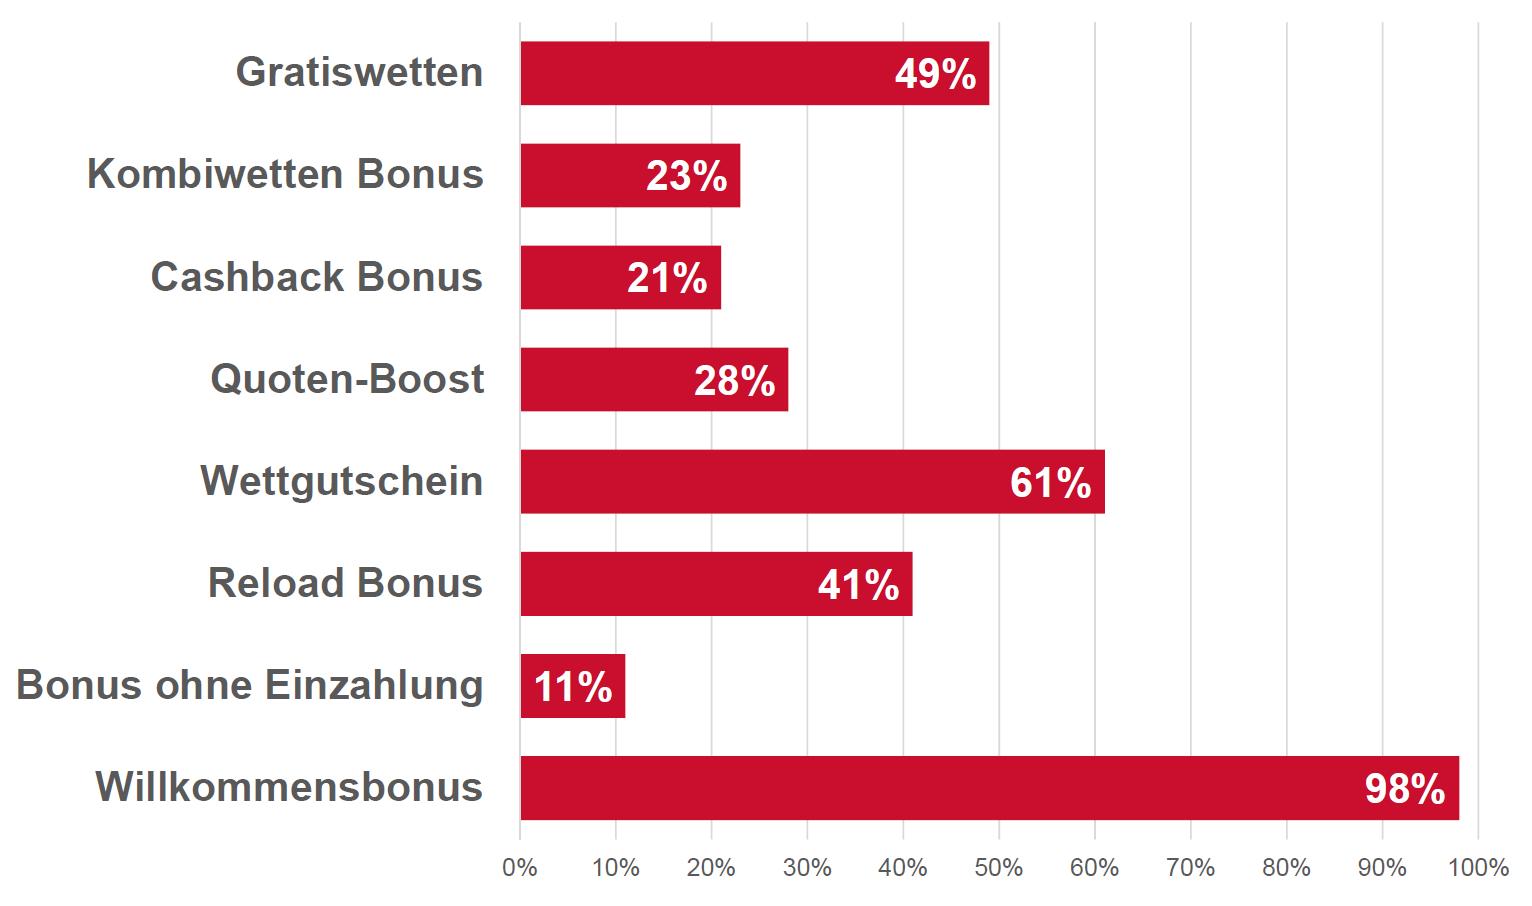 Grafik aus unserem Wettbonus Vergleich, welcher Wettbonus wird am meisten vom Wettanbieter angeboten